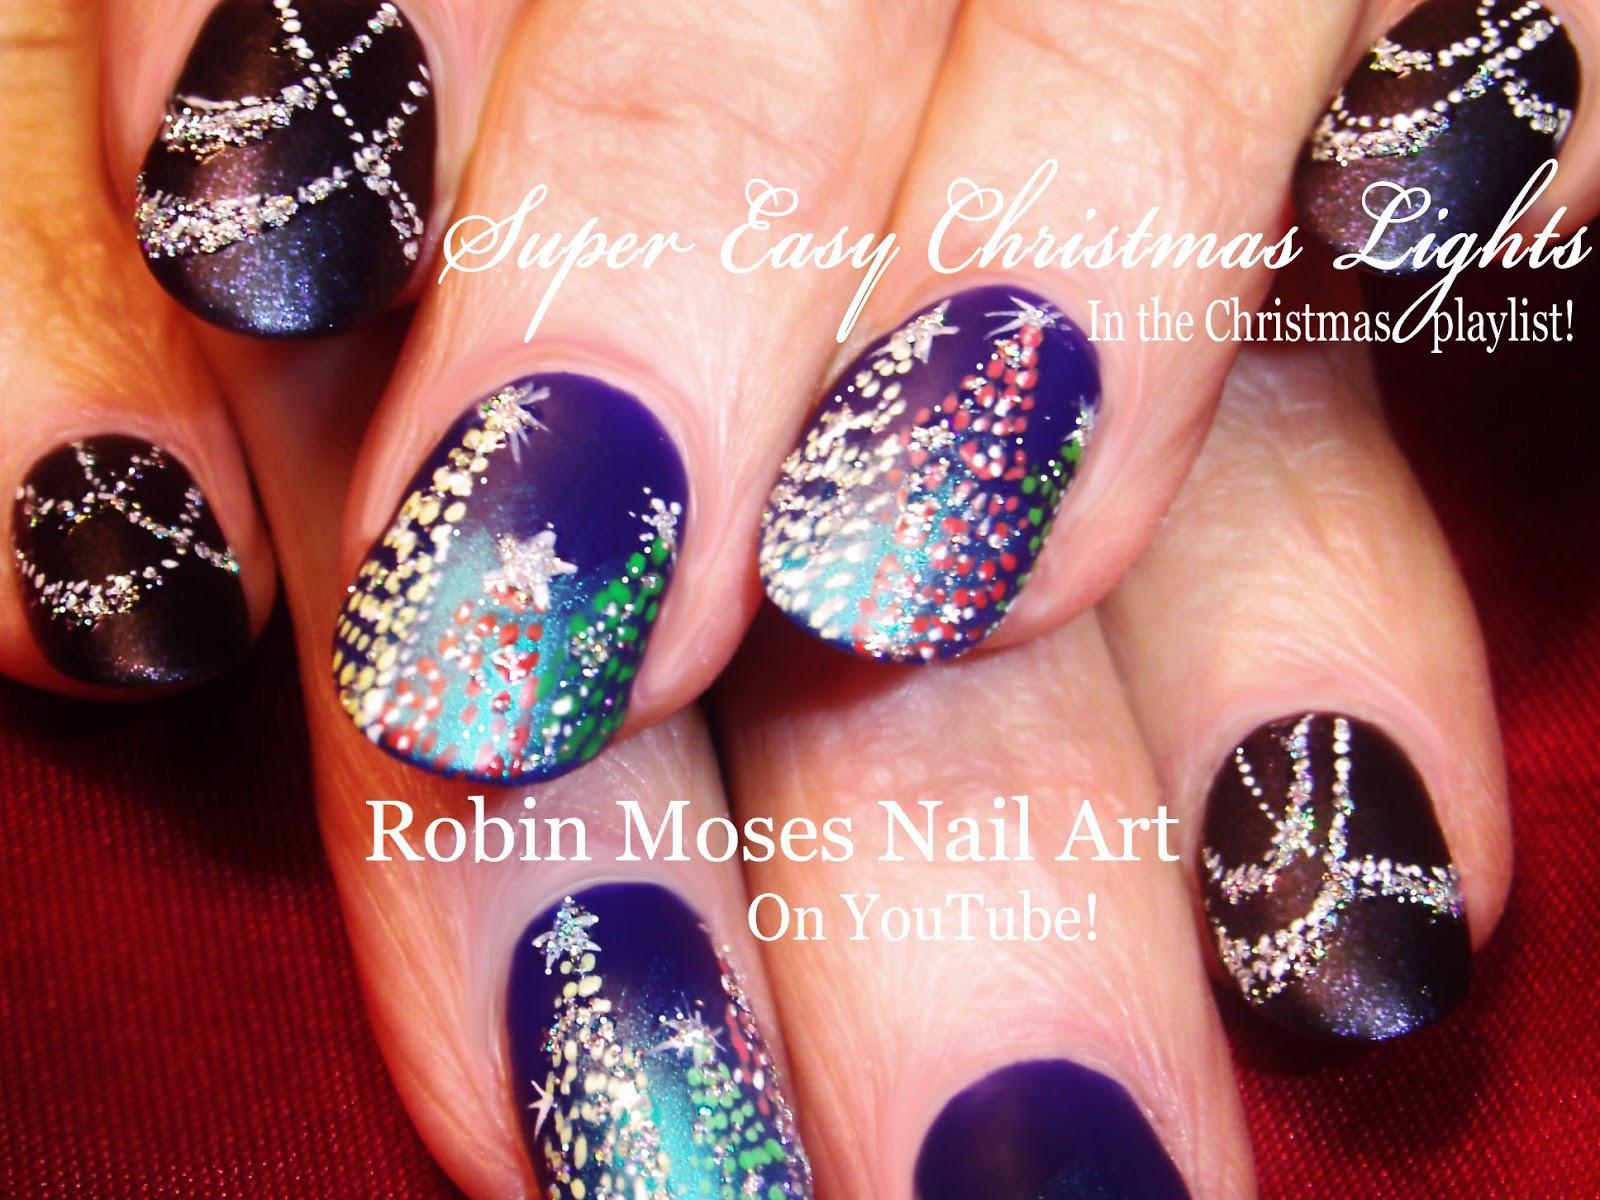 Nail Art By Robin Moses Christmas Lights At Night Nail Art